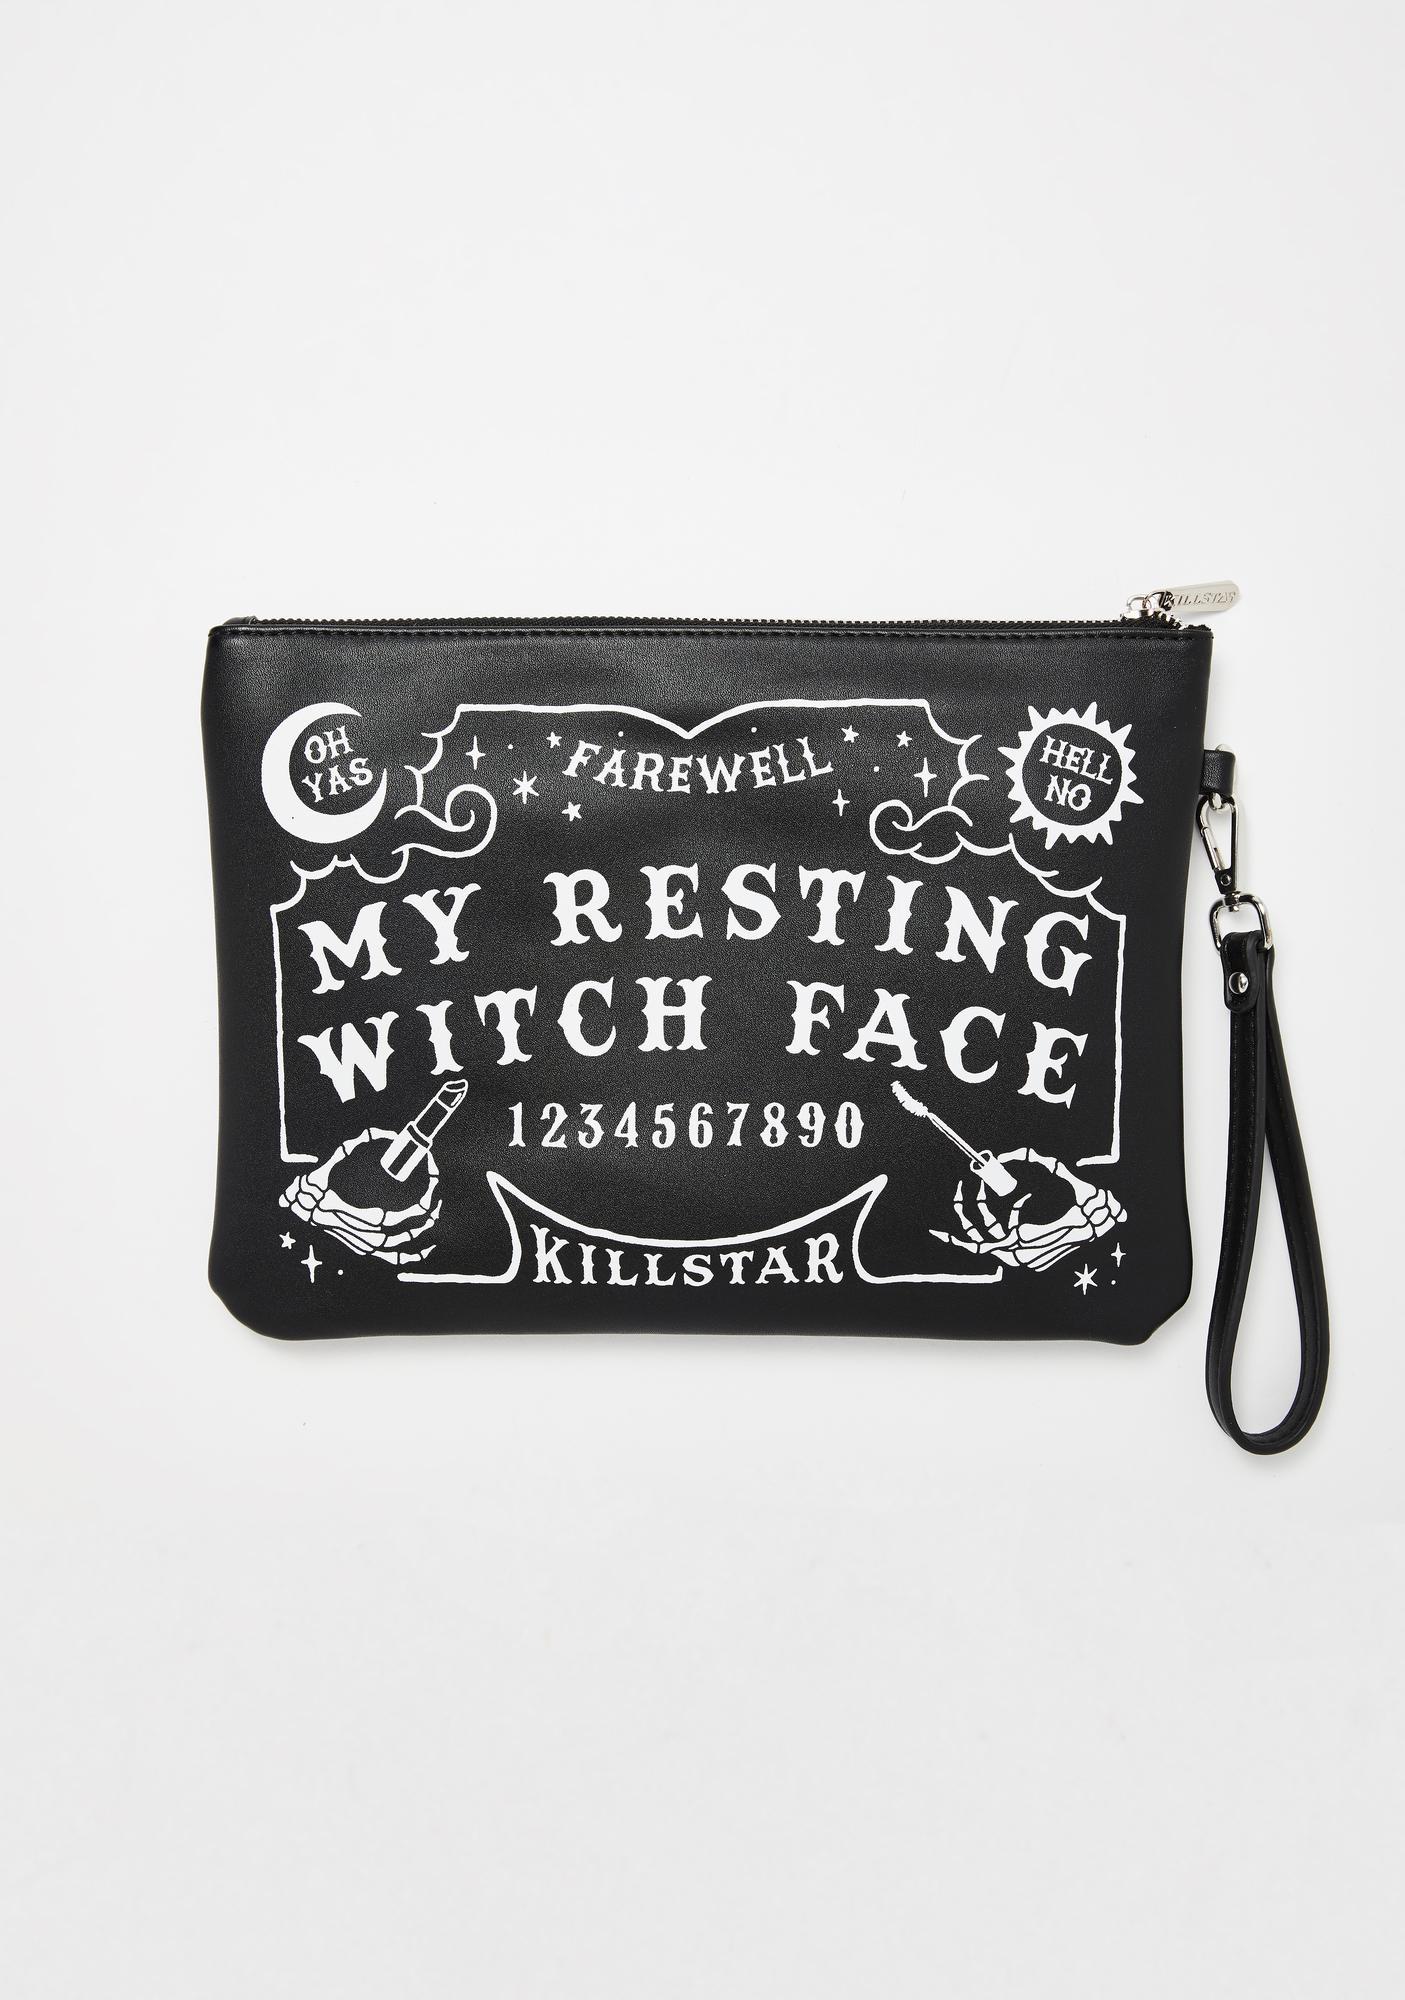 Killstar Witch Face Makeup Bag